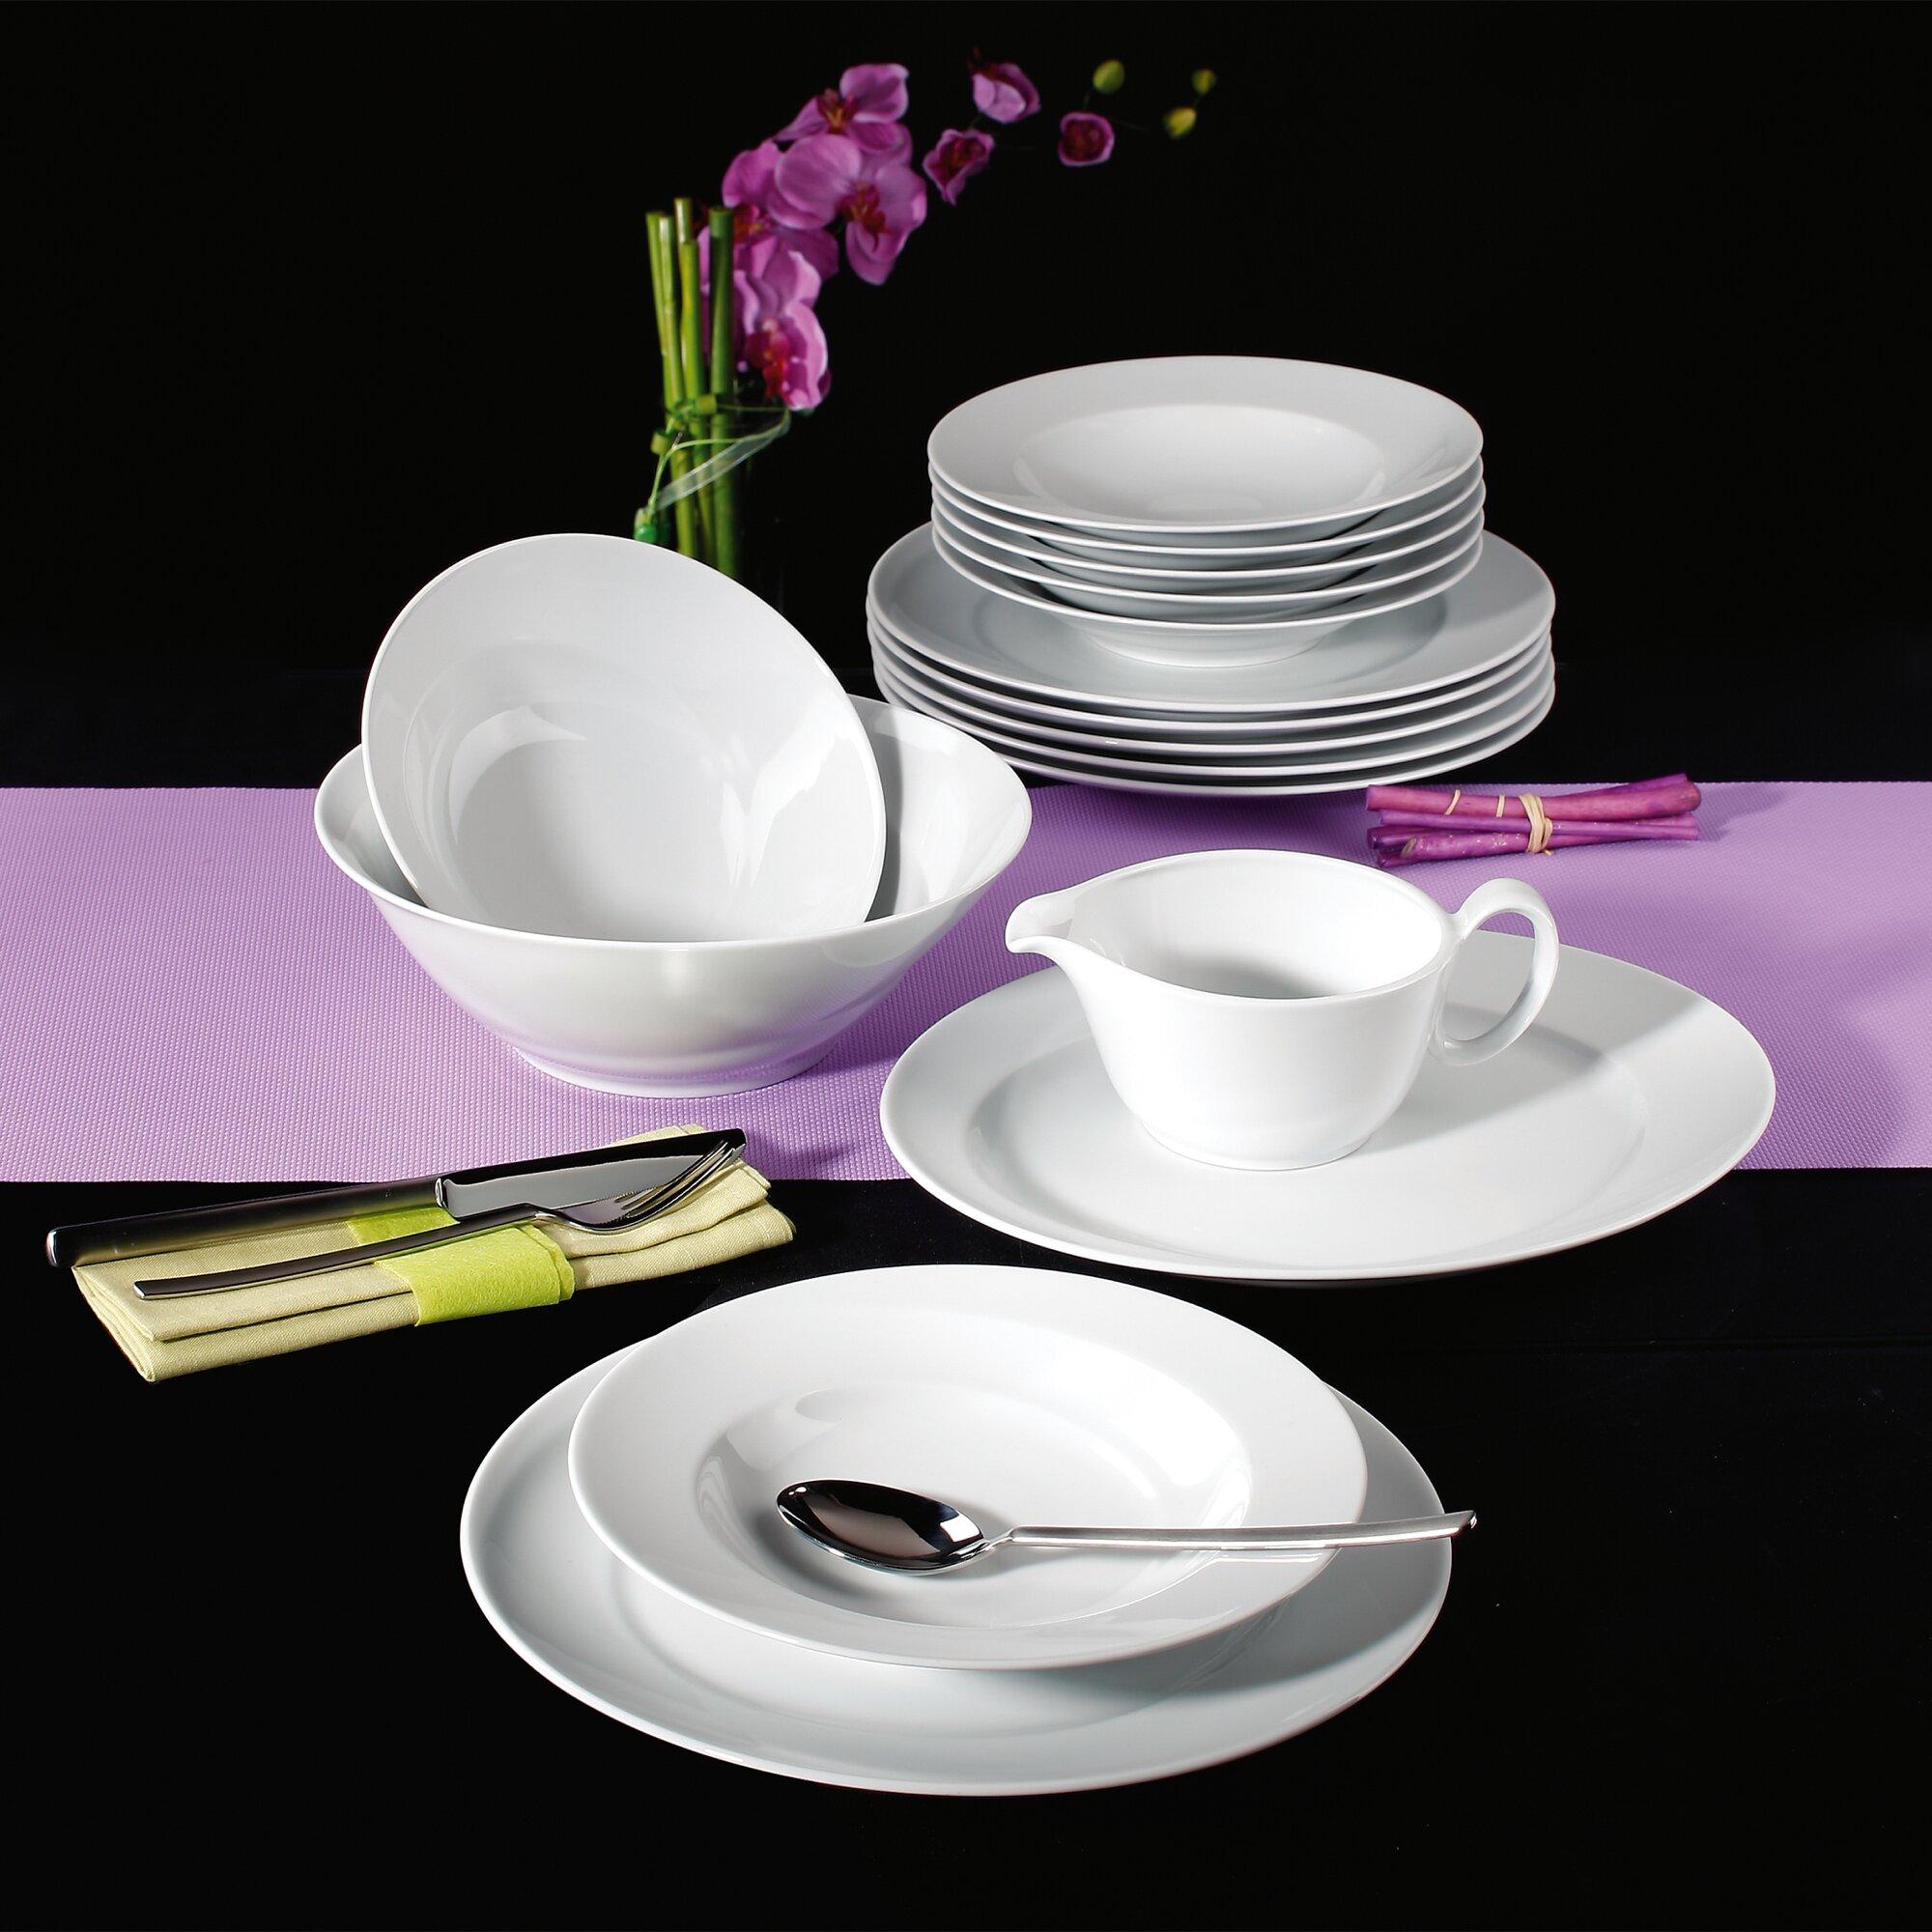 seltmann weiden paso 16 piece dinnerware set reviews wayfair uk. Black Bedroom Furniture Sets. Home Design Ideas